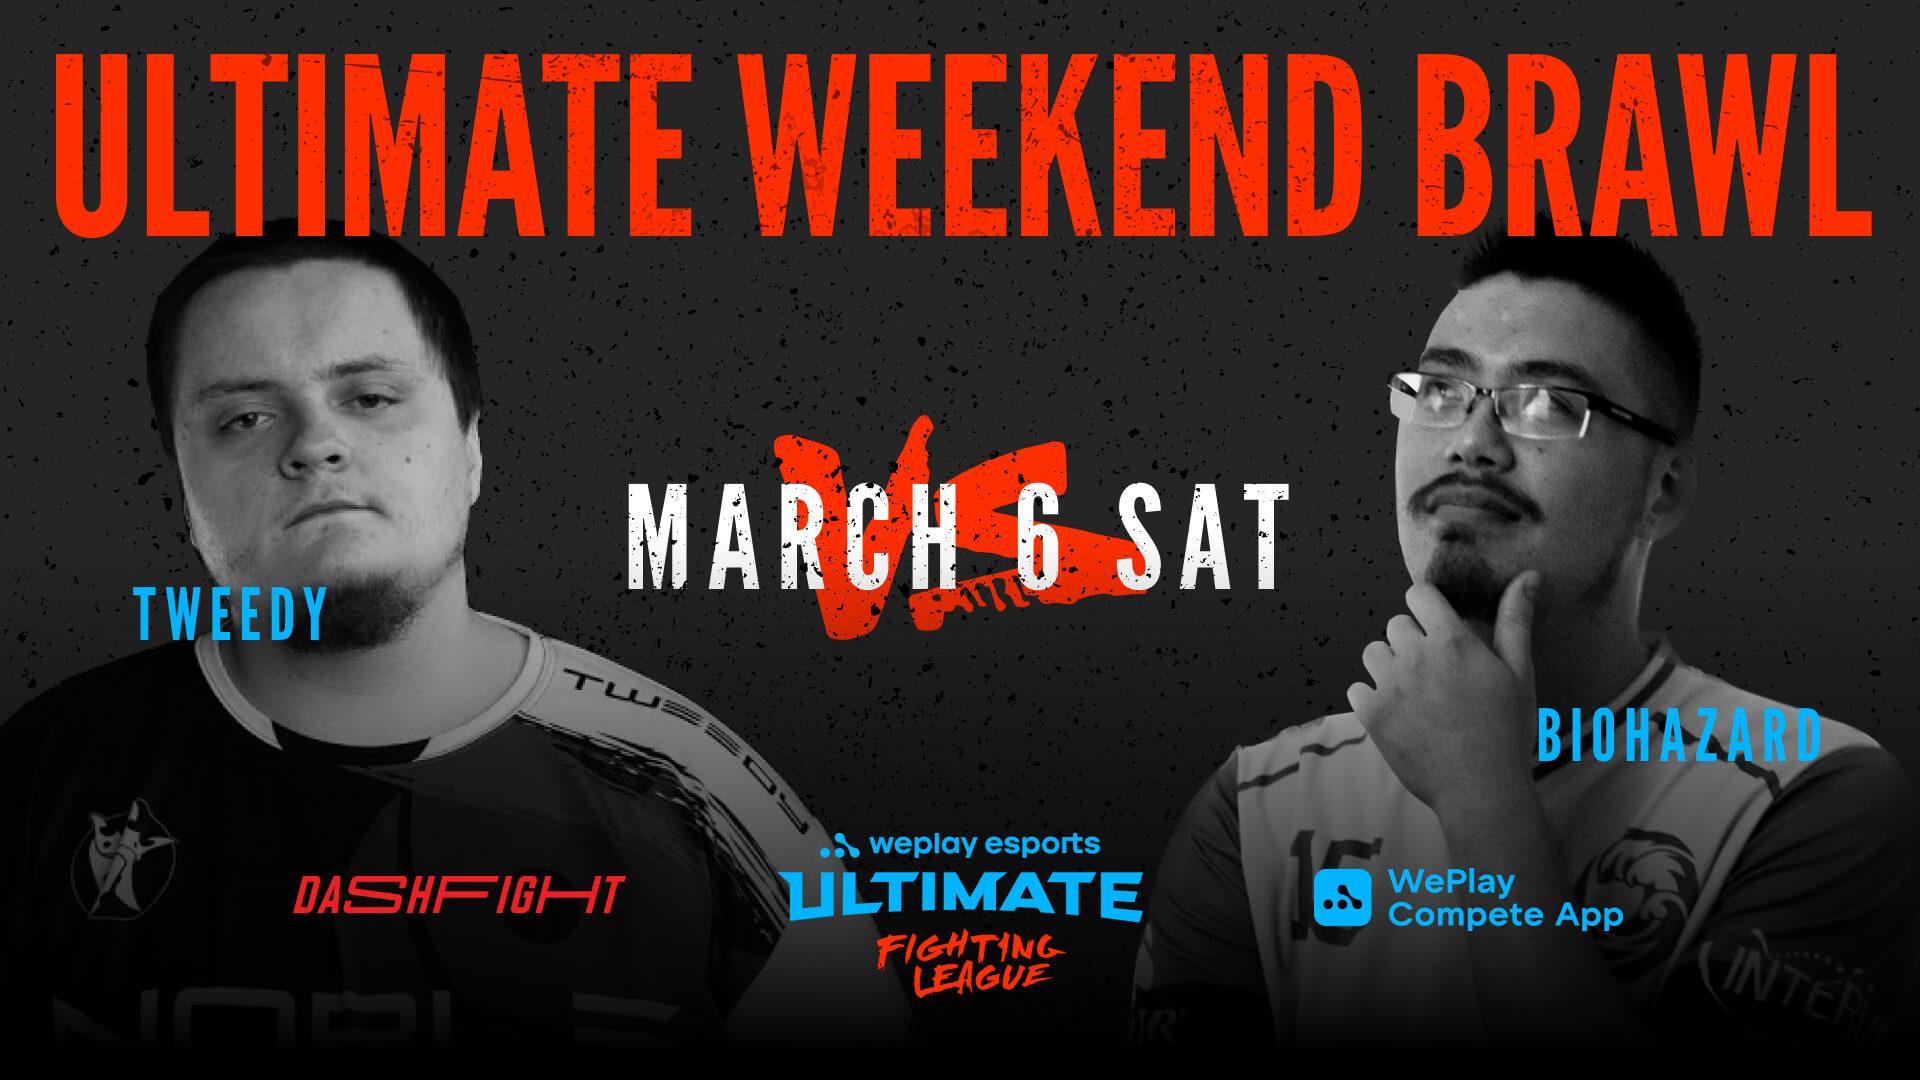 WePlay Ultimate Weekend Brawl: Tweedy vs. Biohazard